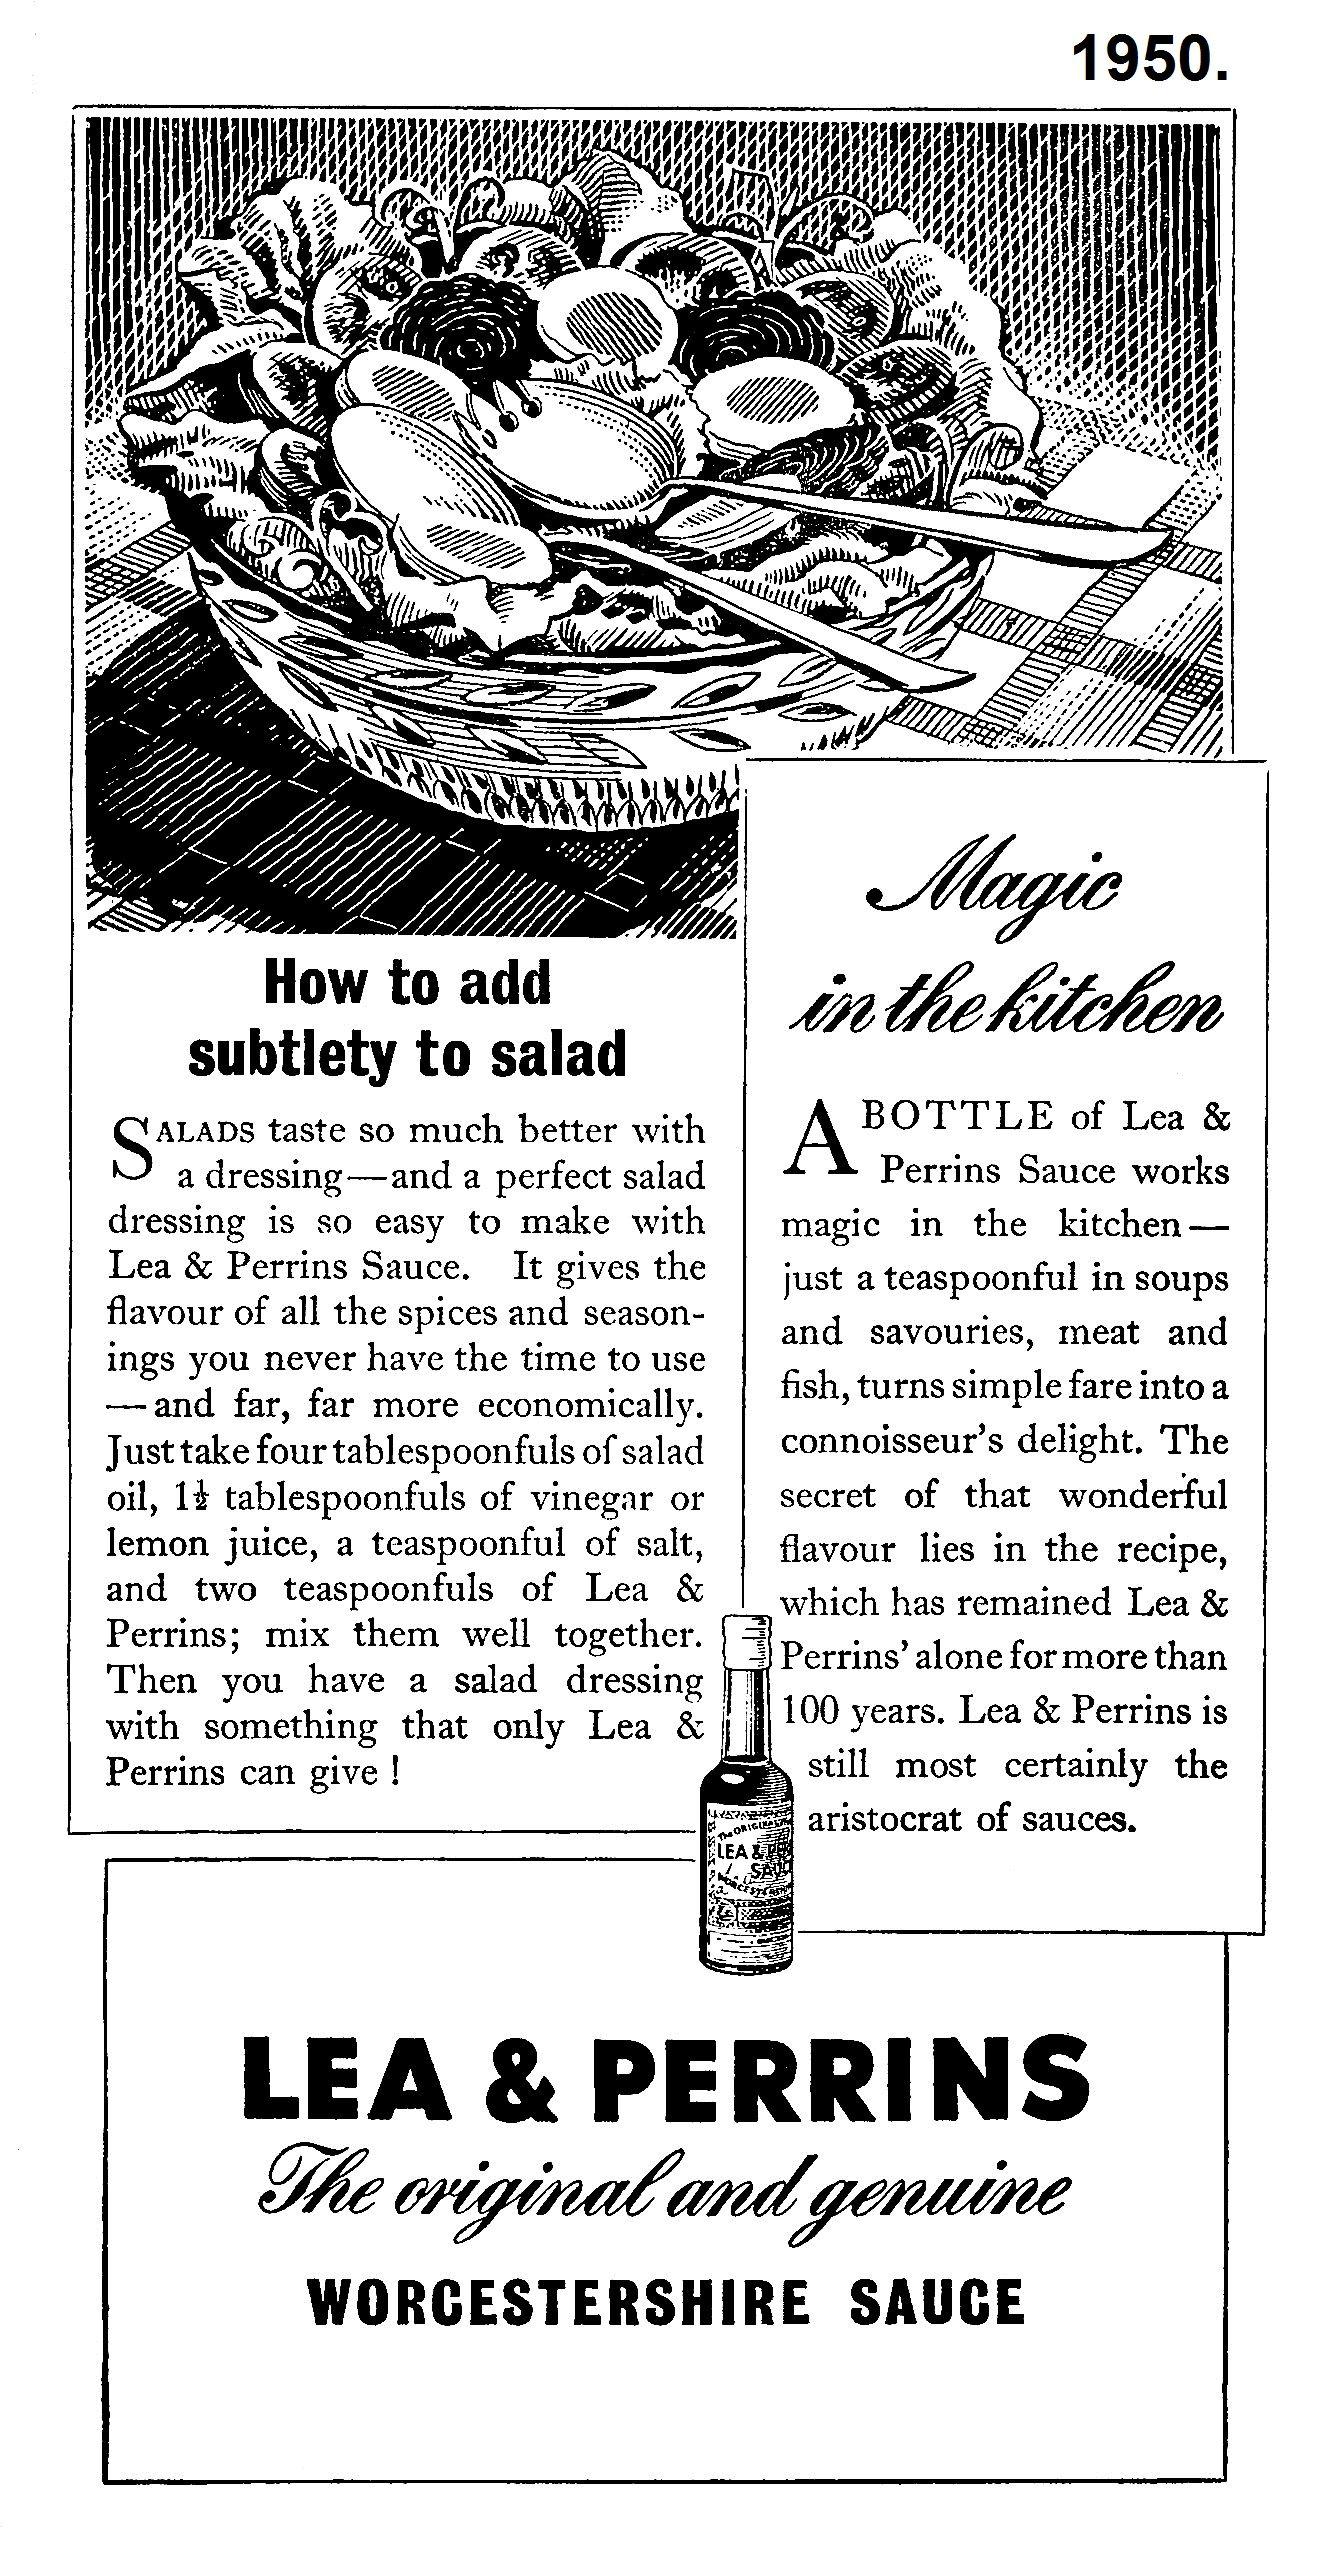 1950 lea perrins sauce advert lea perrins adverts